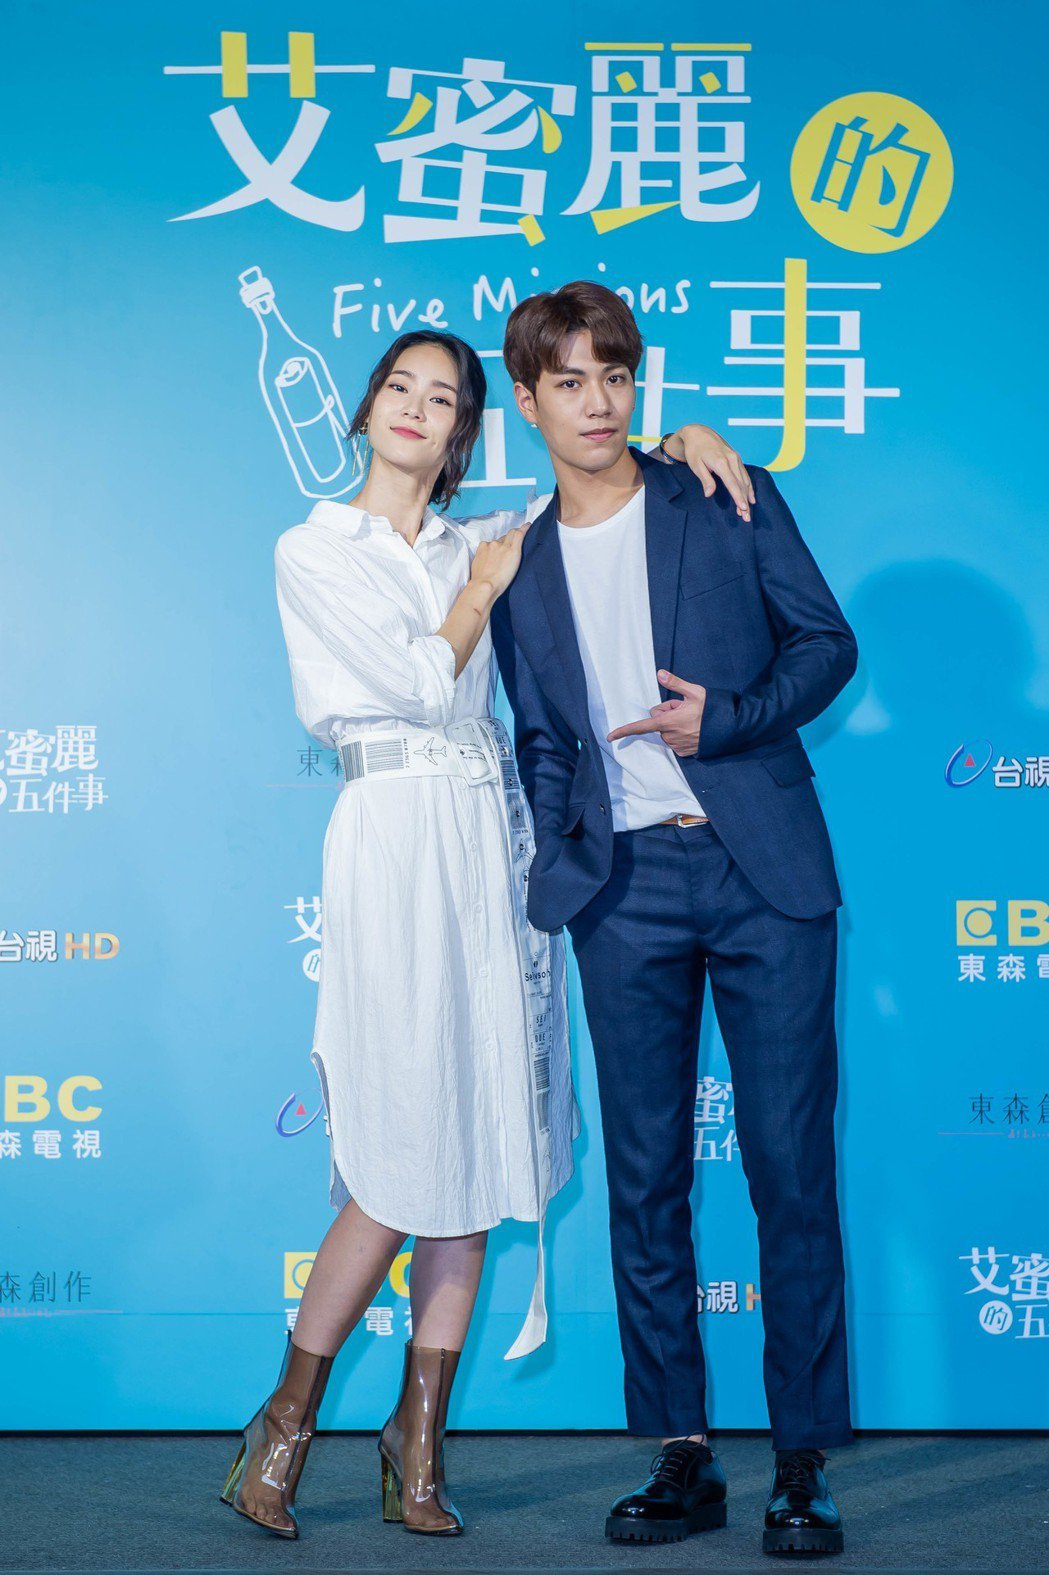 林子閎(右)、鍾瑶主演「艾蜜麗的五件事」。圖/東森提供